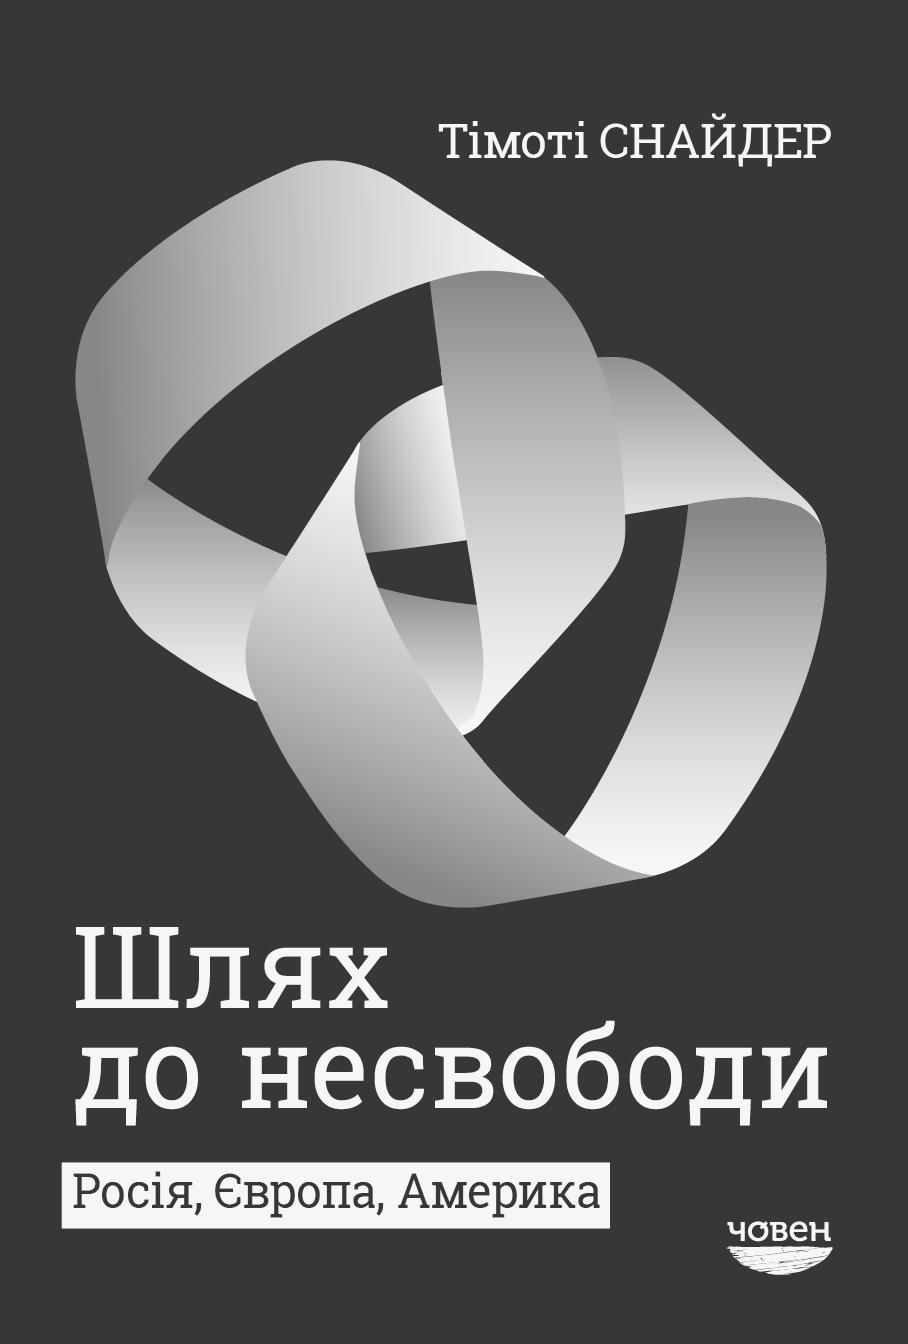 Снайдер_обкладинка